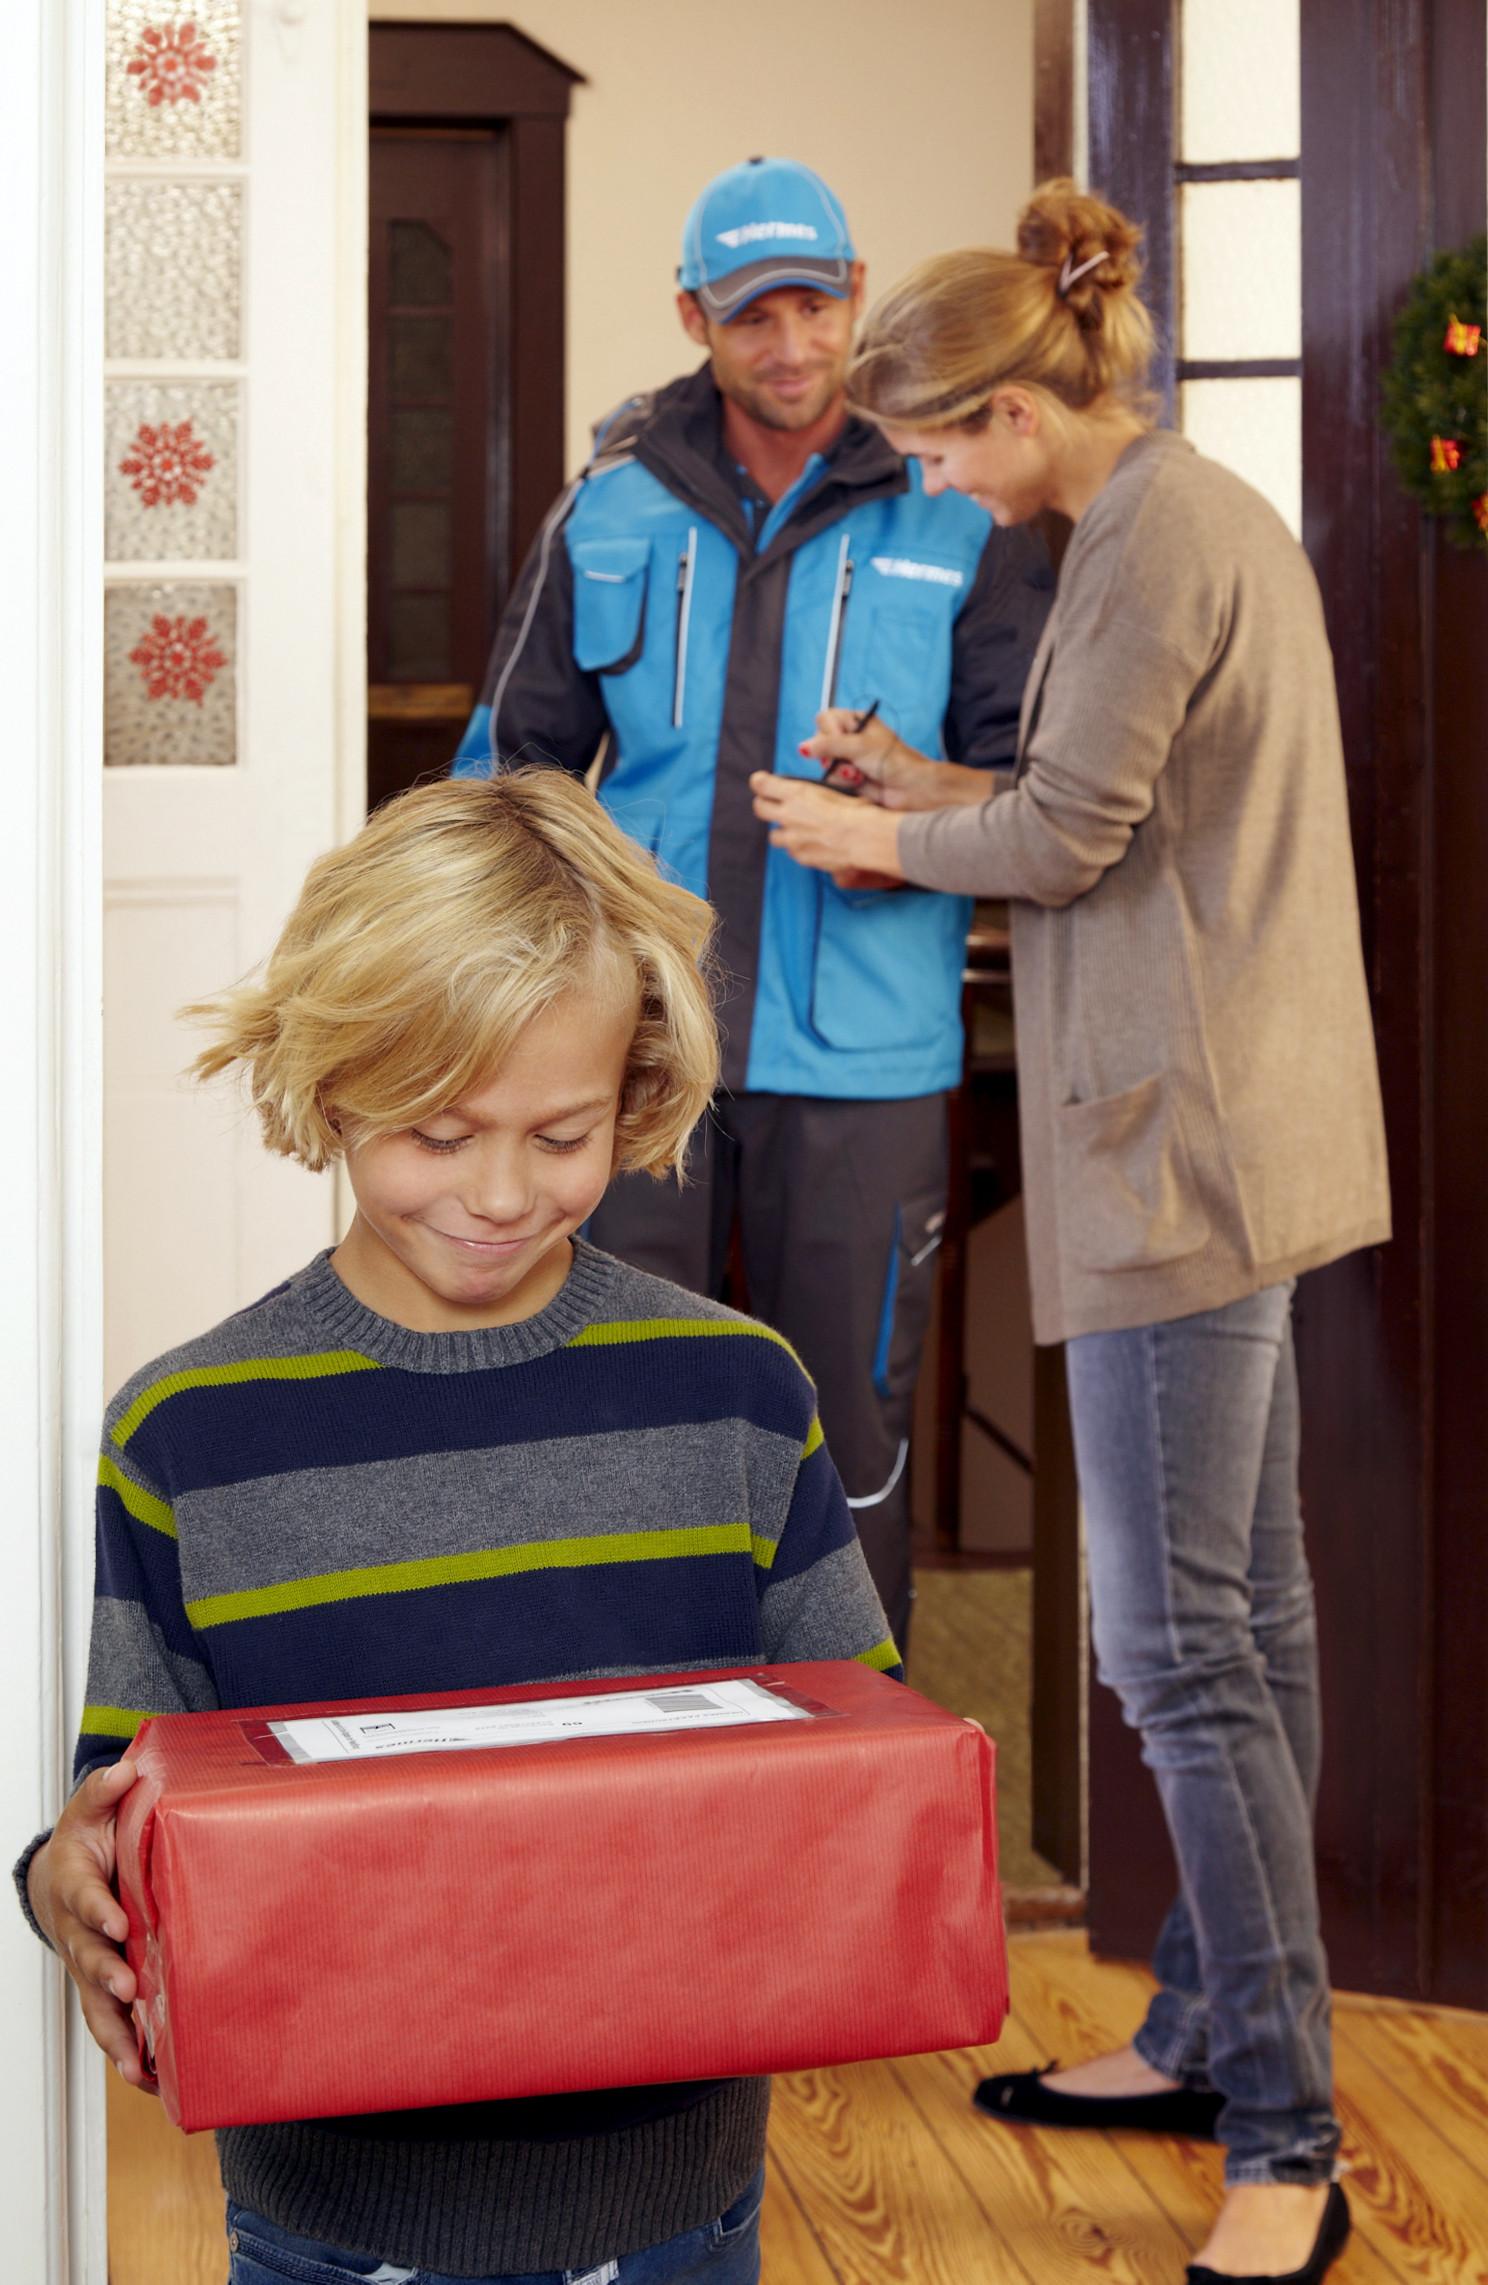 Briefe Mit Hermes Versenden : Zehn tipps für ein entspanntes weihnachtsfest weihnachts